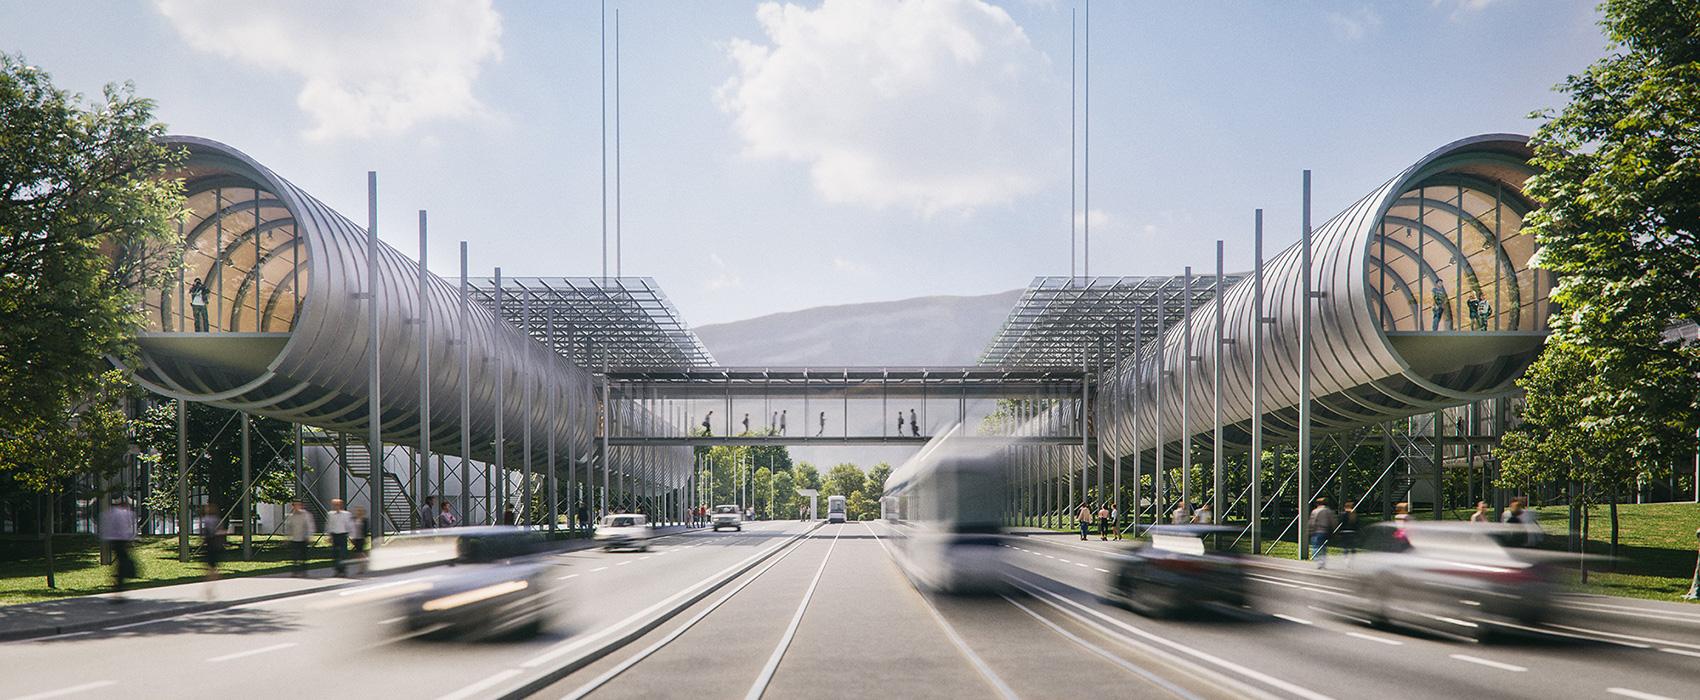 CERN Science Gateway - Geneva Switzerland